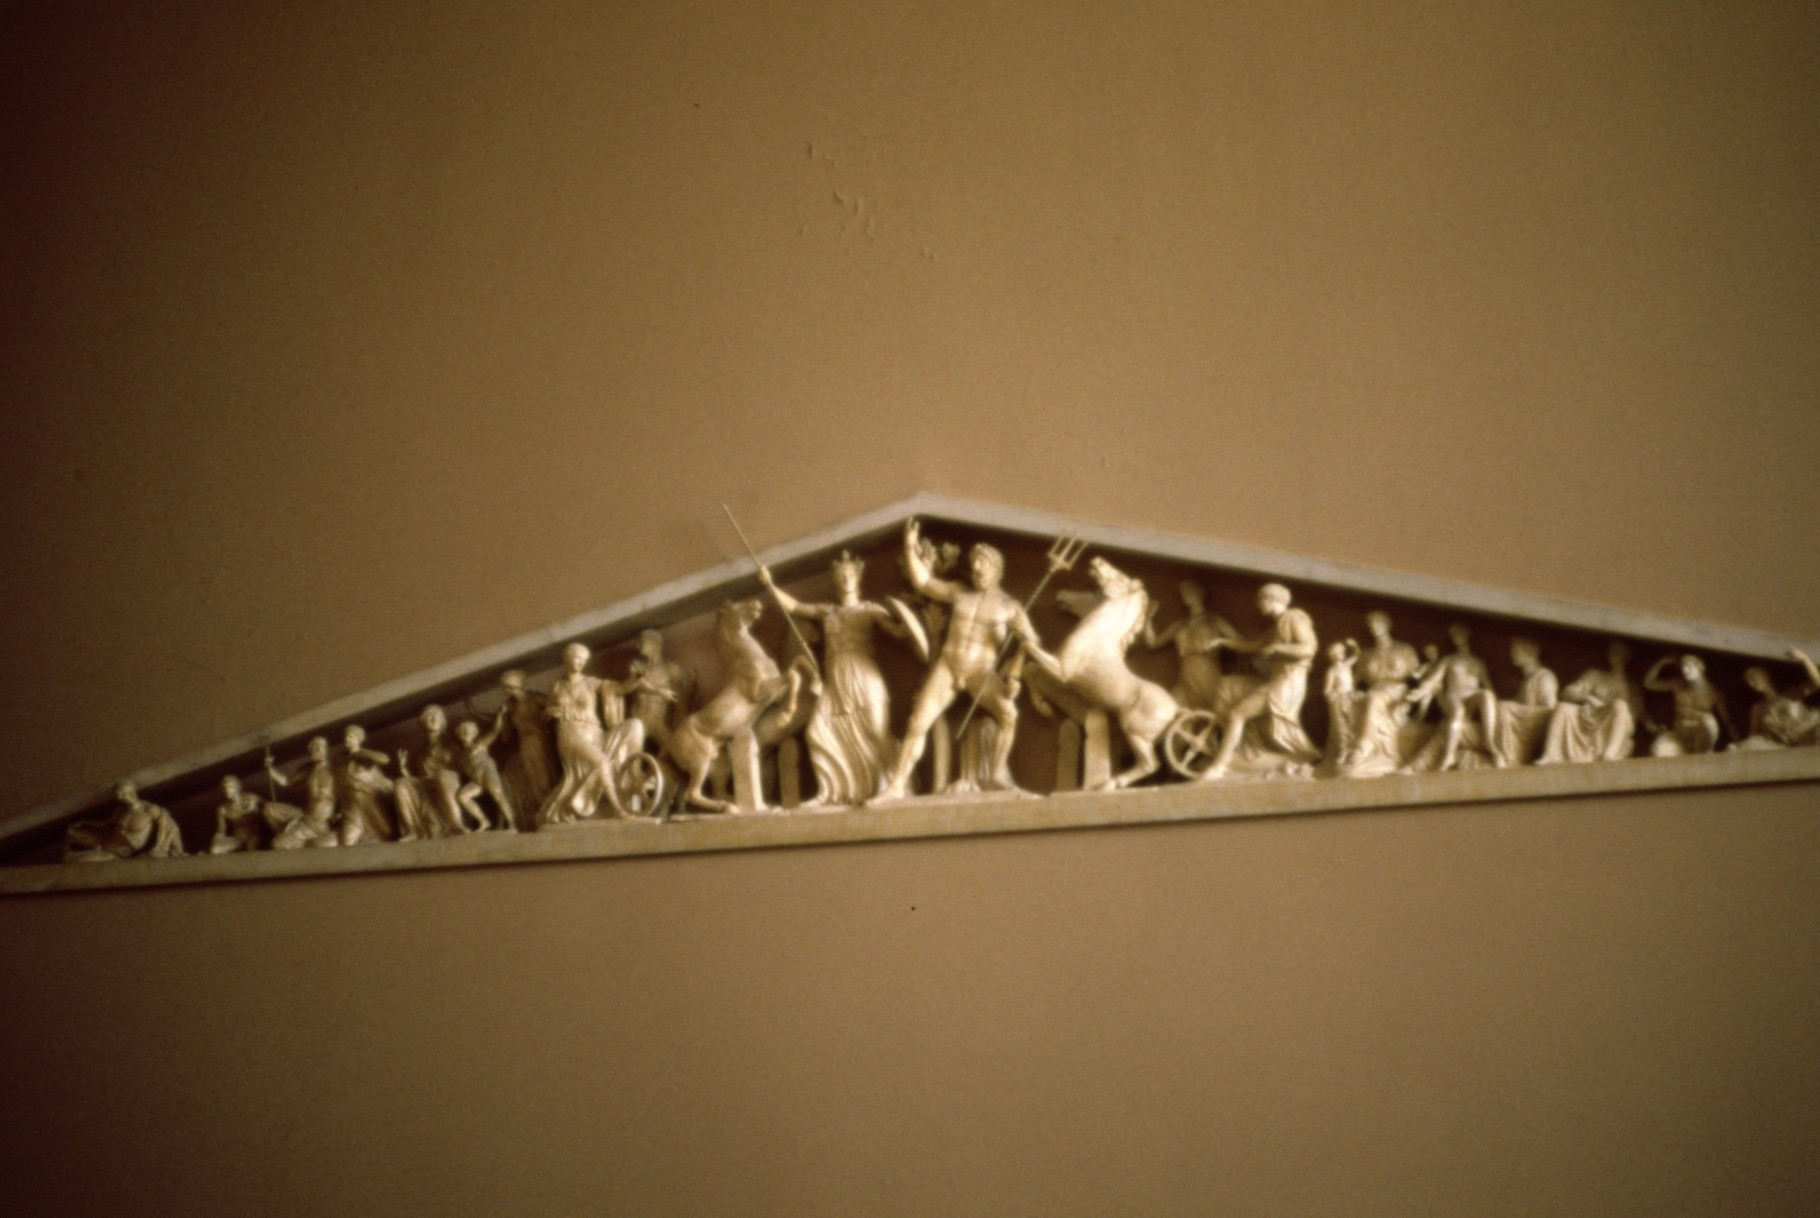 破風の彫刻の縮小レプリカ